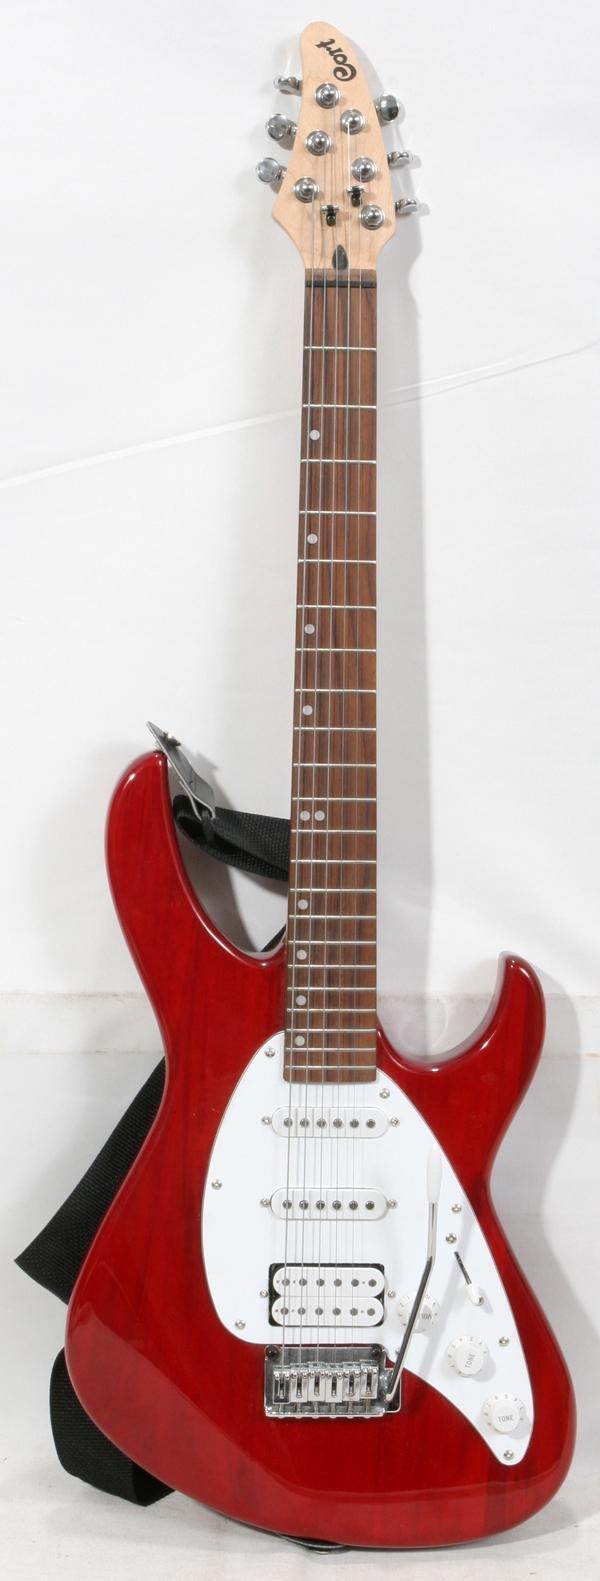 080190 cort electric guitar serial number 7125155 lot 80190. Black Bedroom Furniture Sets. Home Design Ideas